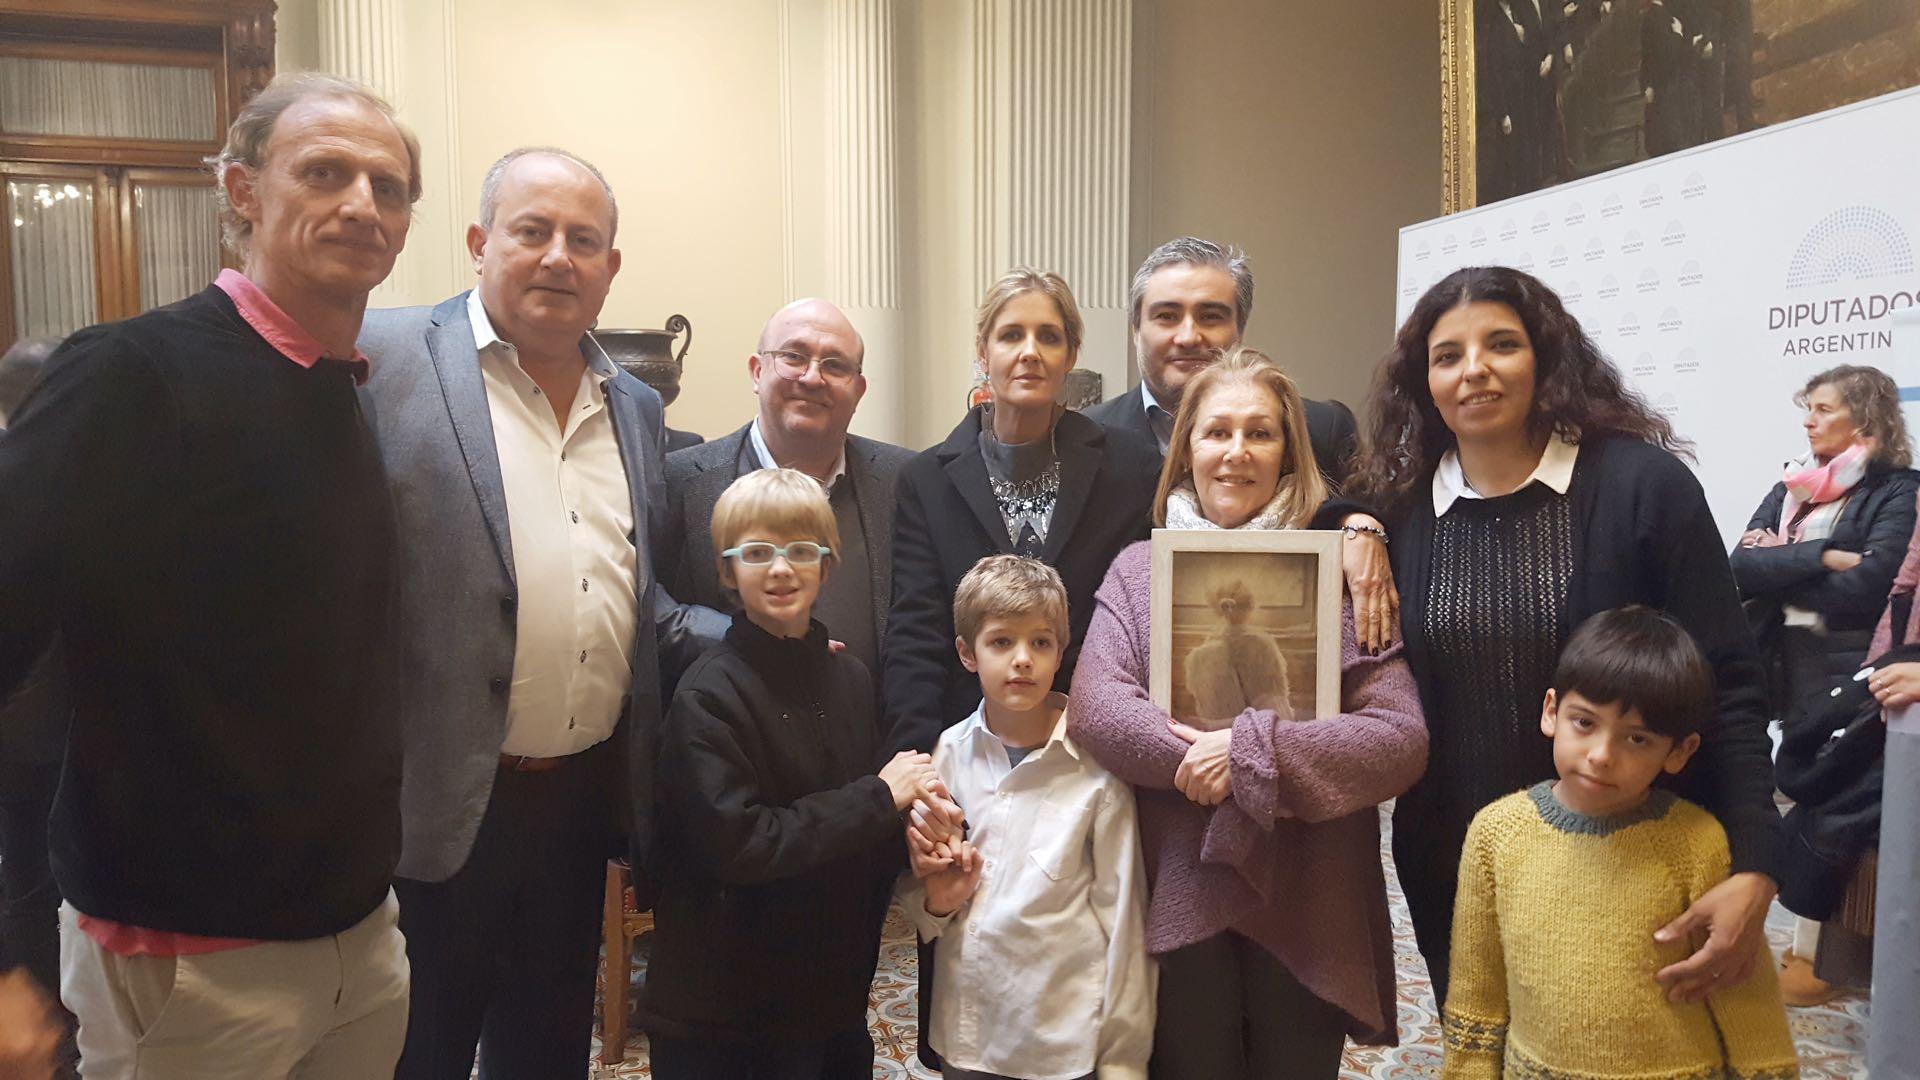 Ezequiel, Juan Carlos Marino, Juan Carlos Maceira, Paola, Cipriano y Ceferino junto a su abuela Pelusa y amigos de la familia Lo Cane.